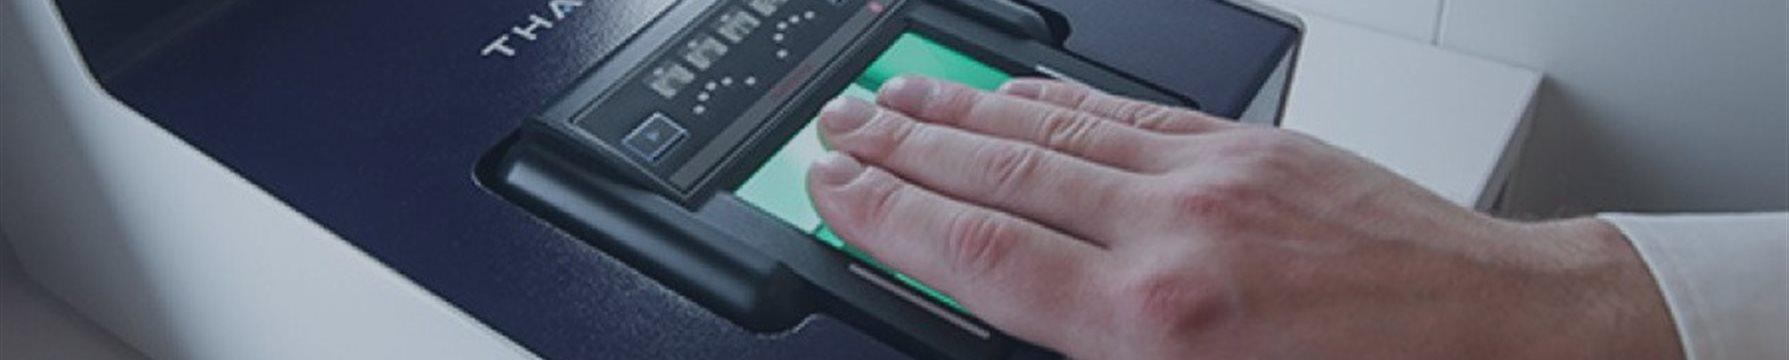 Биометрия – палка о двух концах: ЦБ волнуется и предупреждает